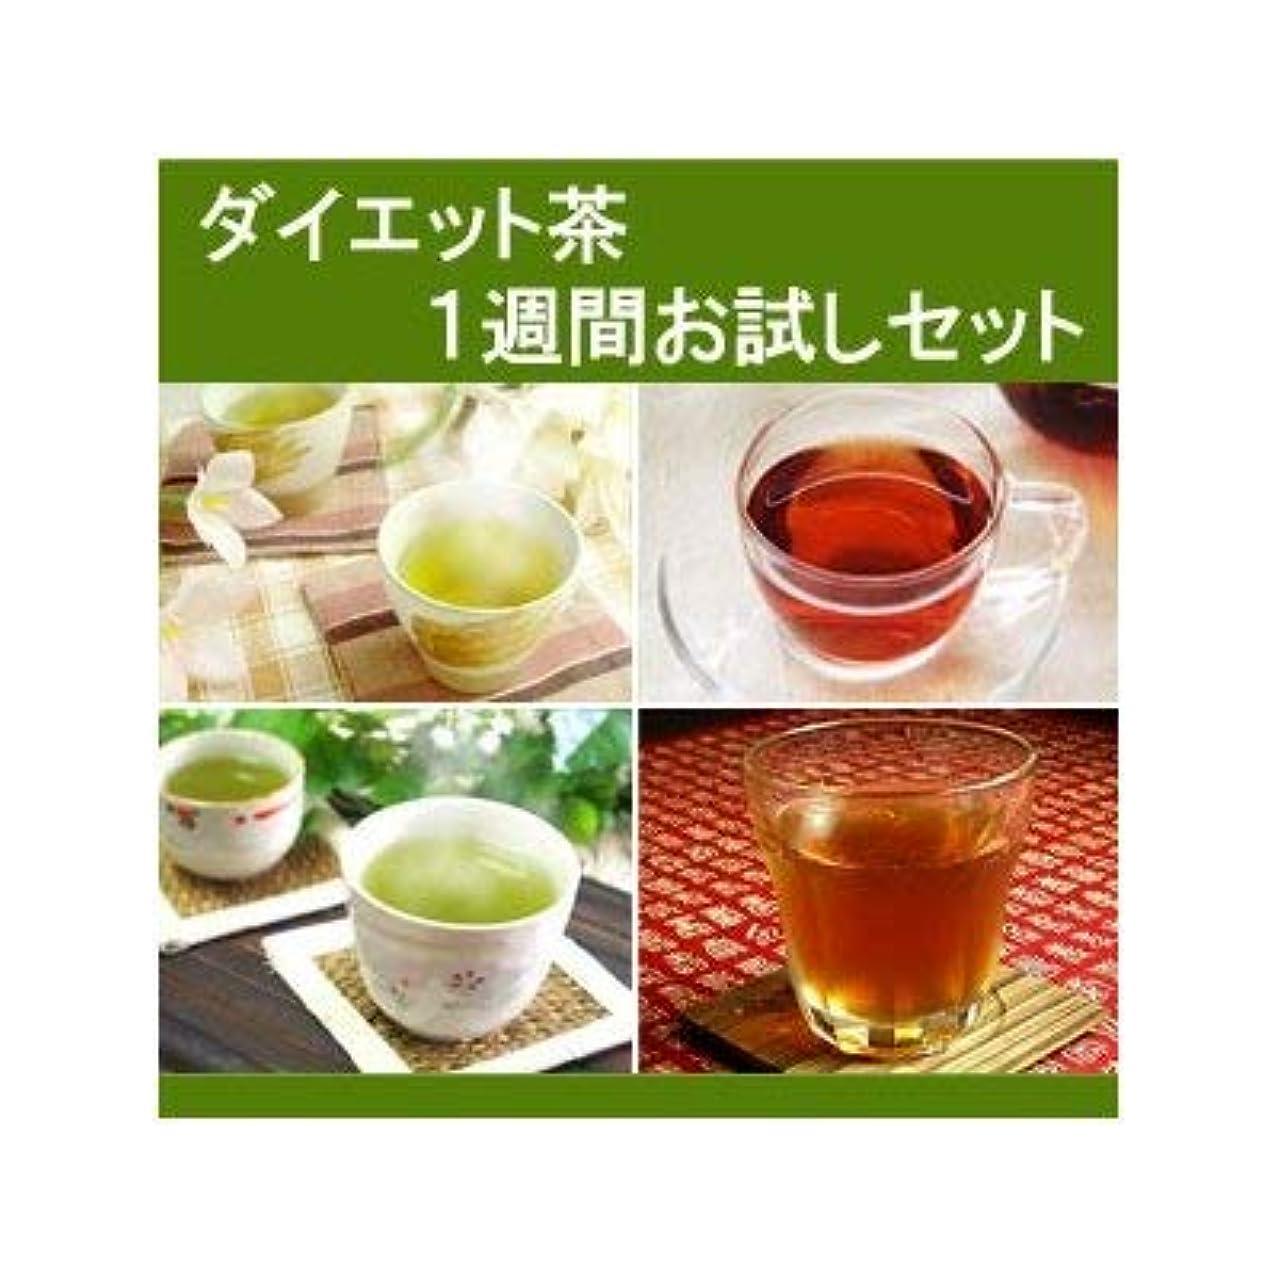 命題注釈を付けるメトリックダイエット茶1週間お試しセット